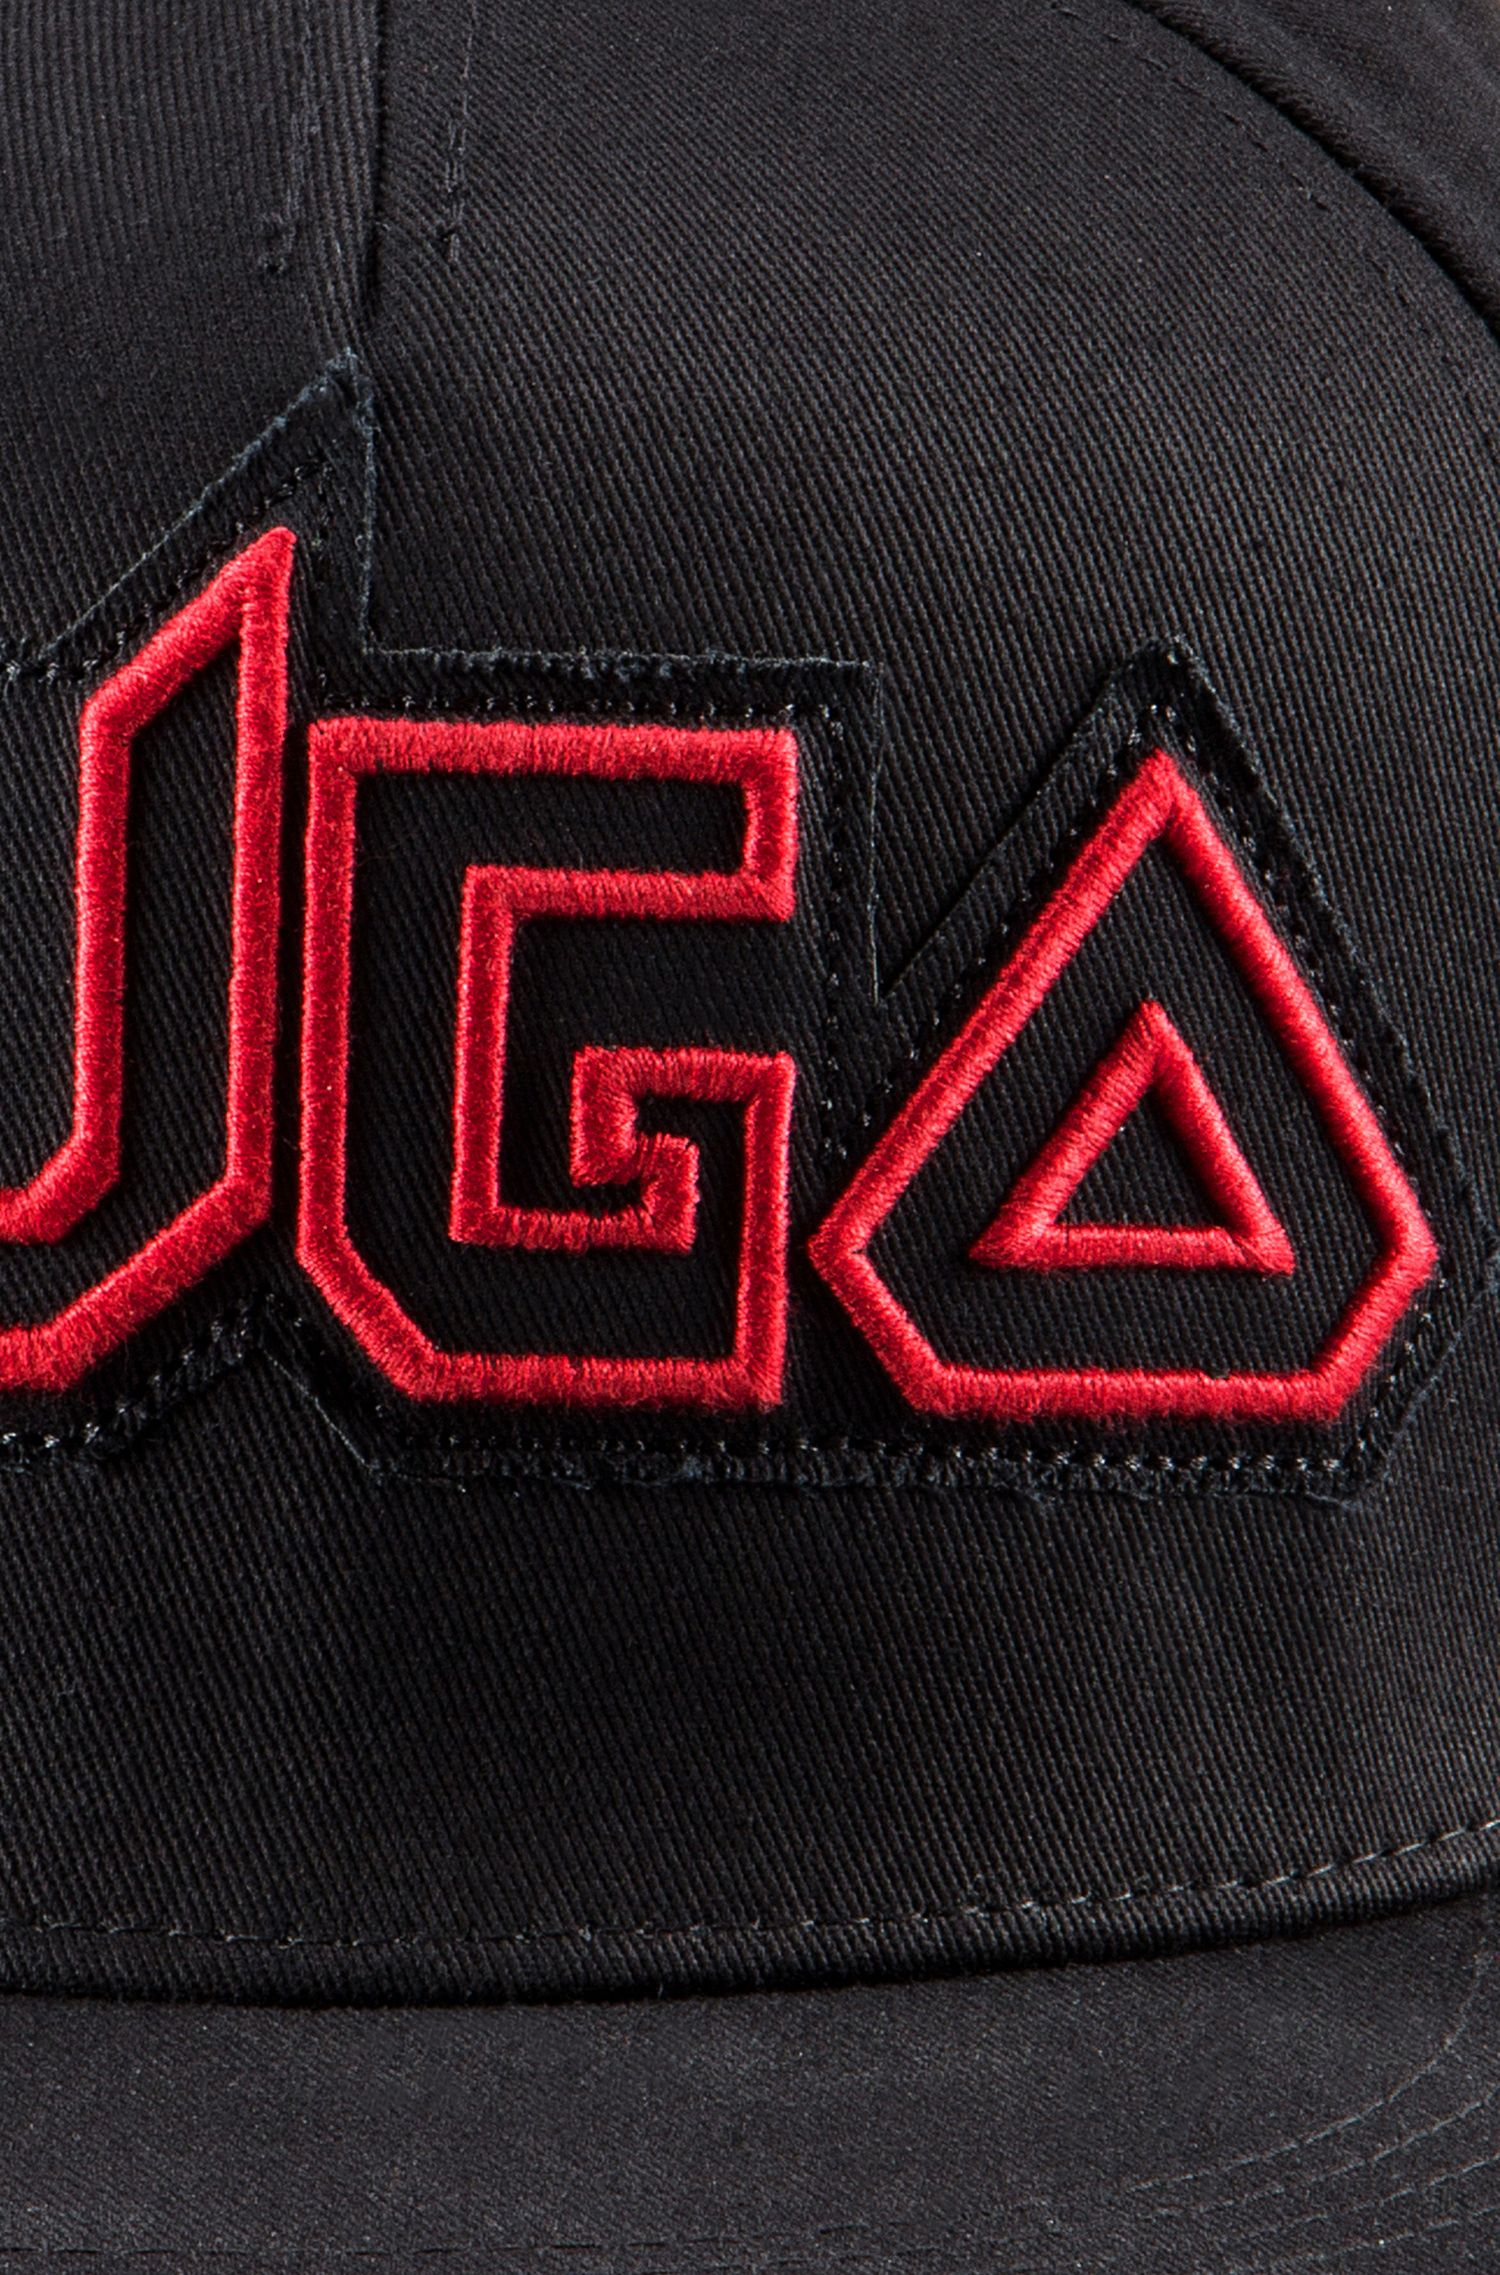 Gorra de béisbol en tejido de gabardina de algodón con un logo vanguardista